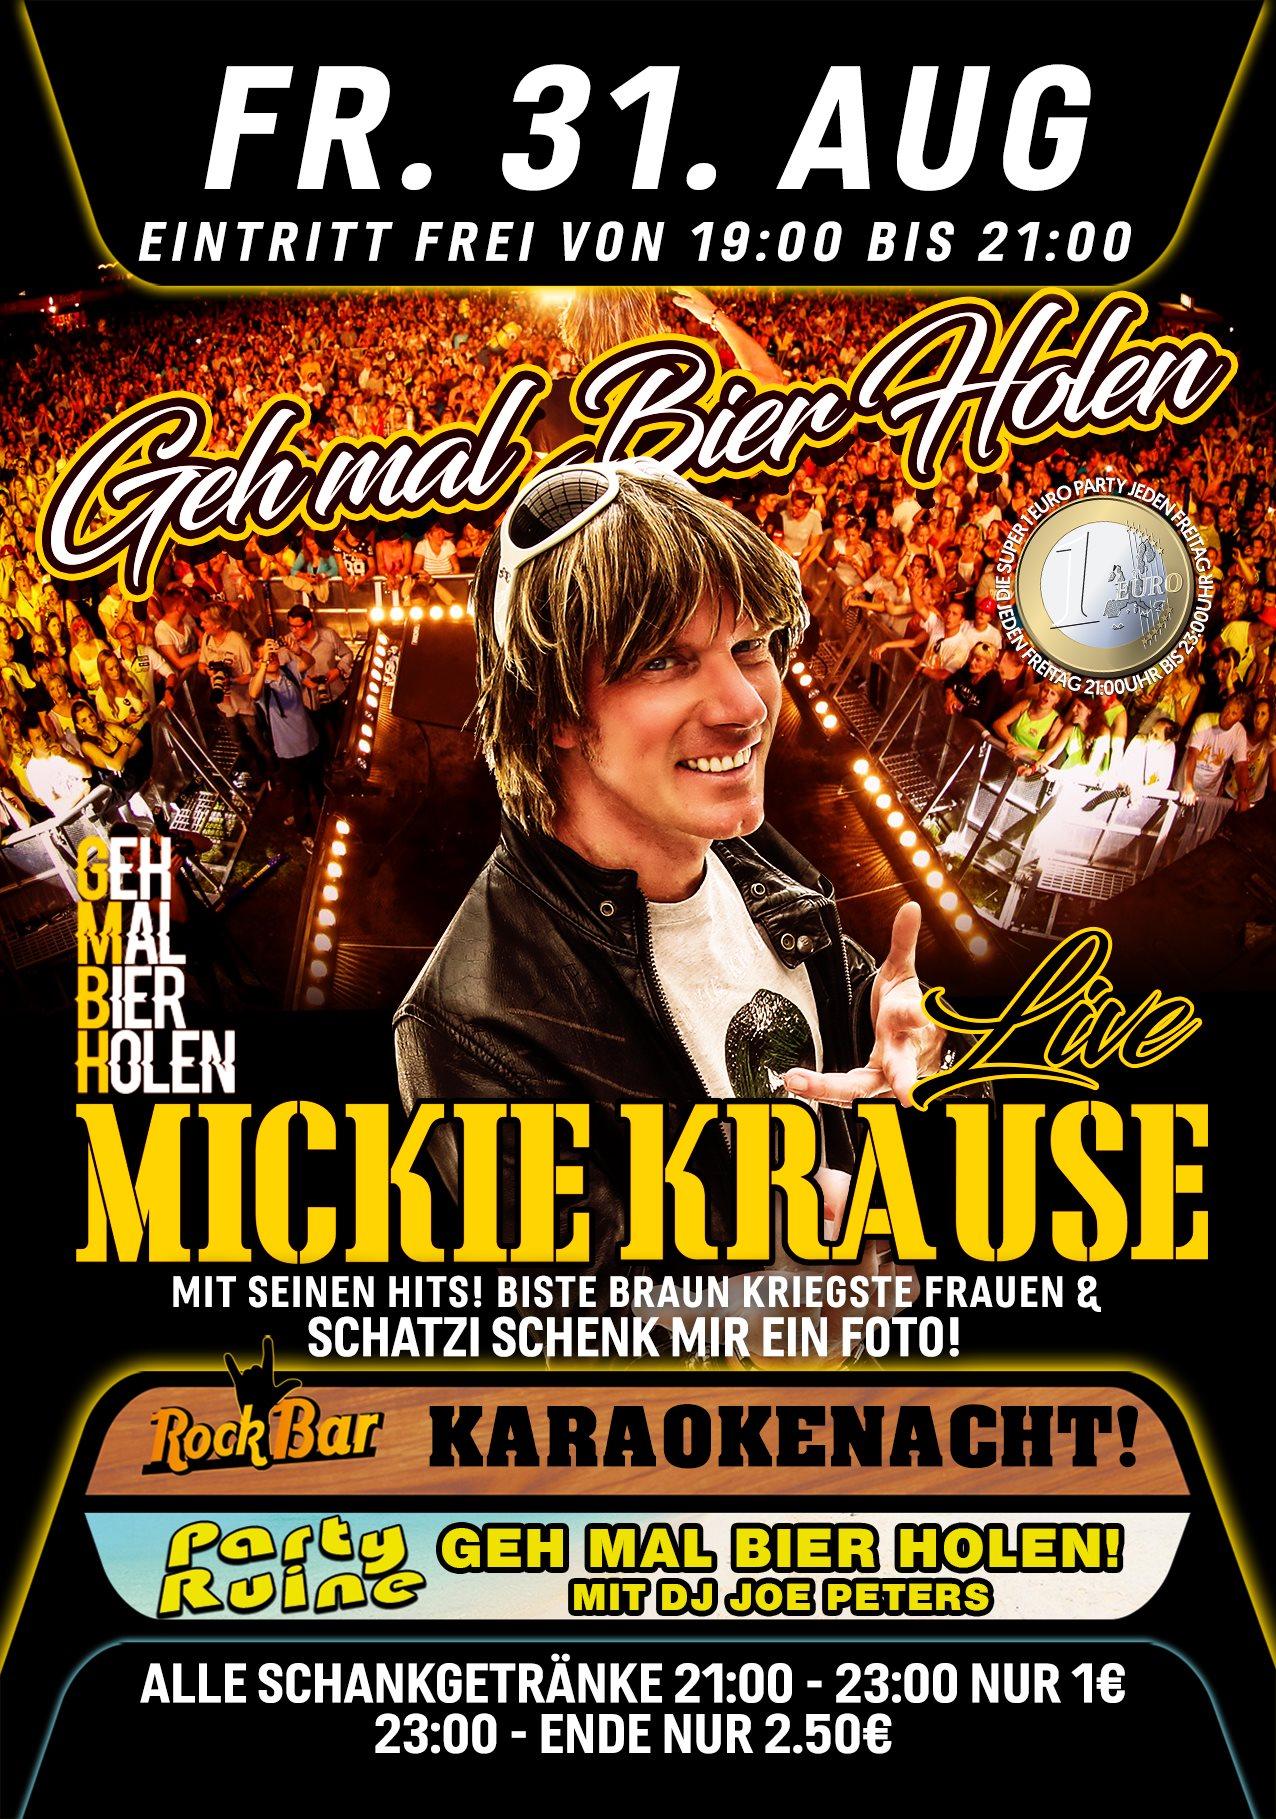 Mickie Krause Live! Mit seinem Hit Schatzi Schenk mir ein Foto!